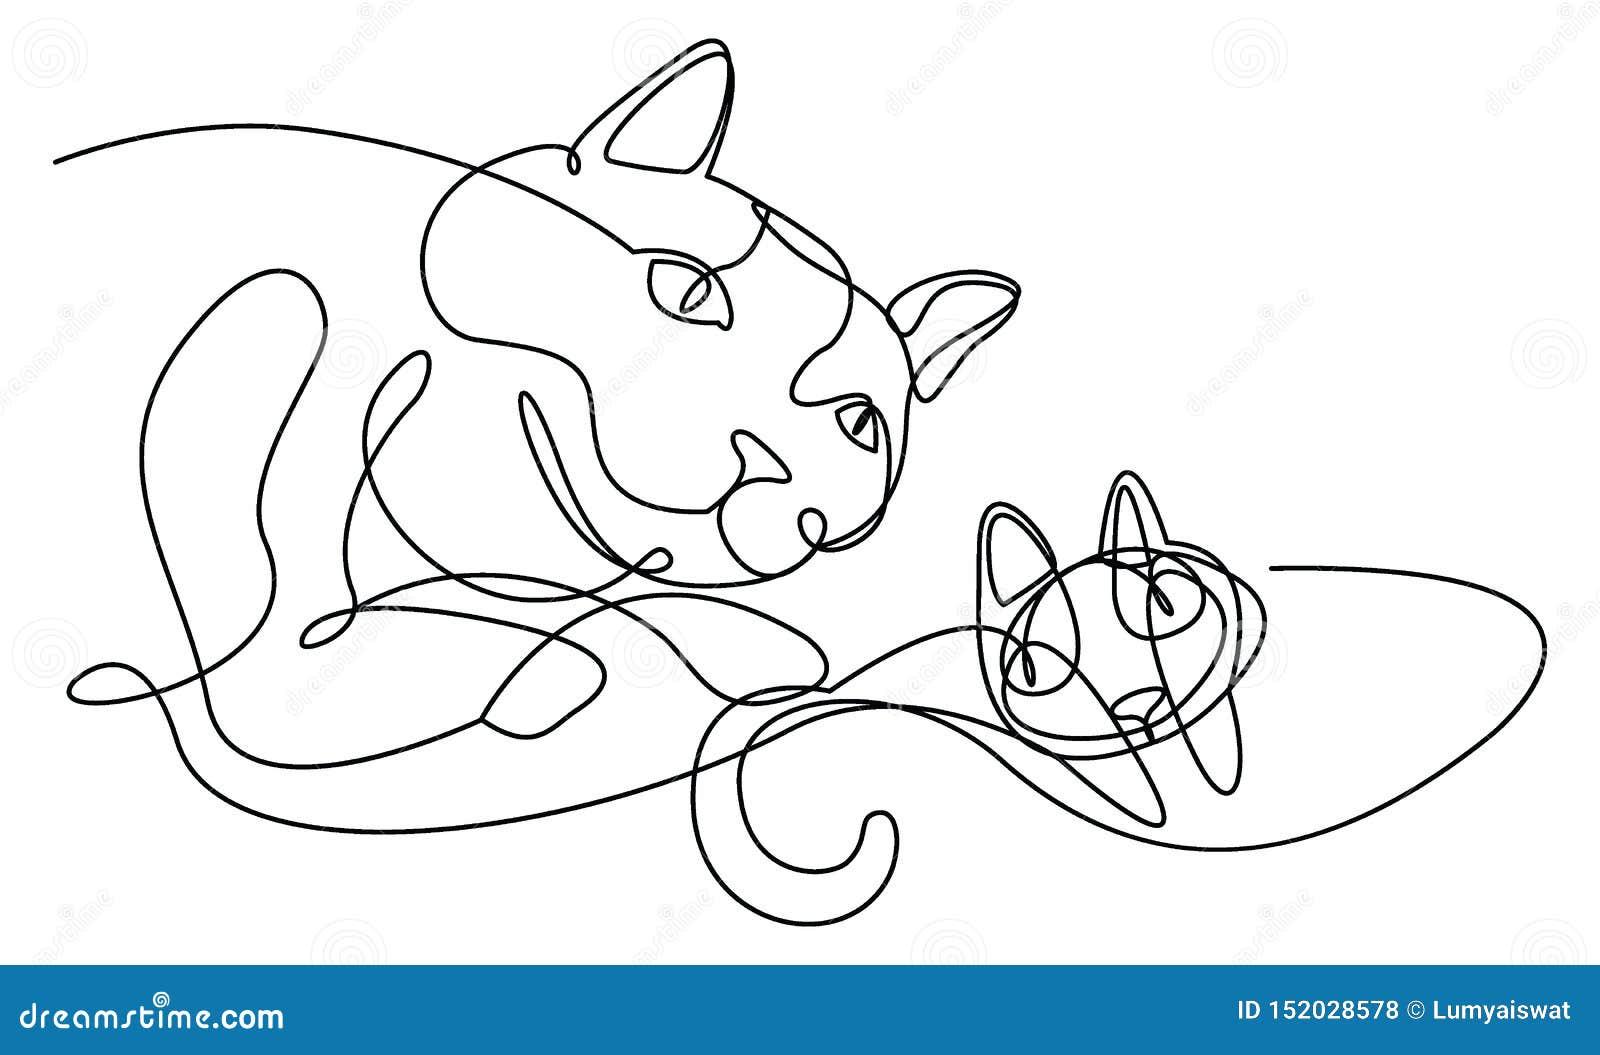 Dessin au trait continu chats moderne